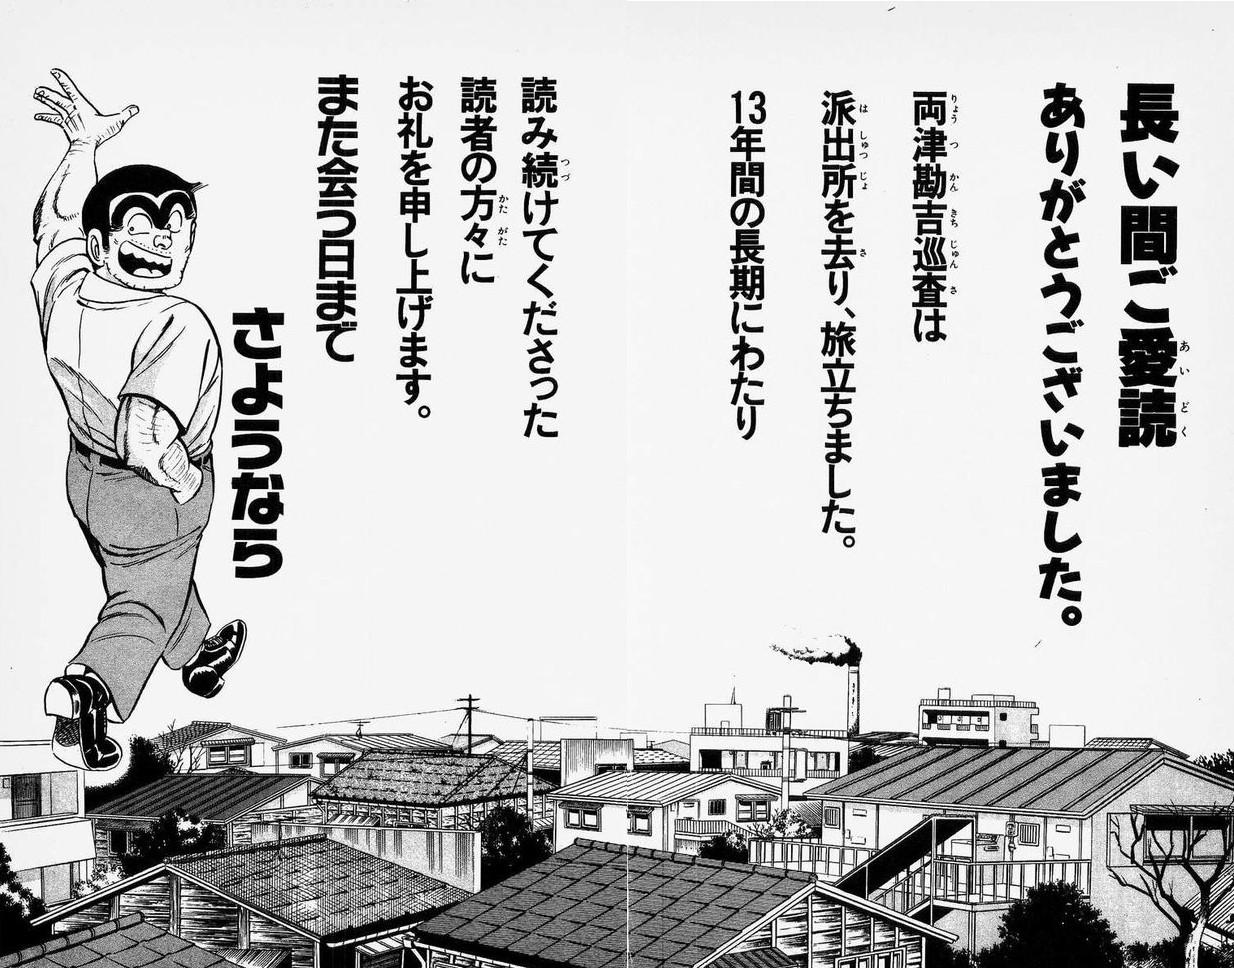 「こちら葛飾区亀有公園前派出所」第69巻「両さんメモリアル」より